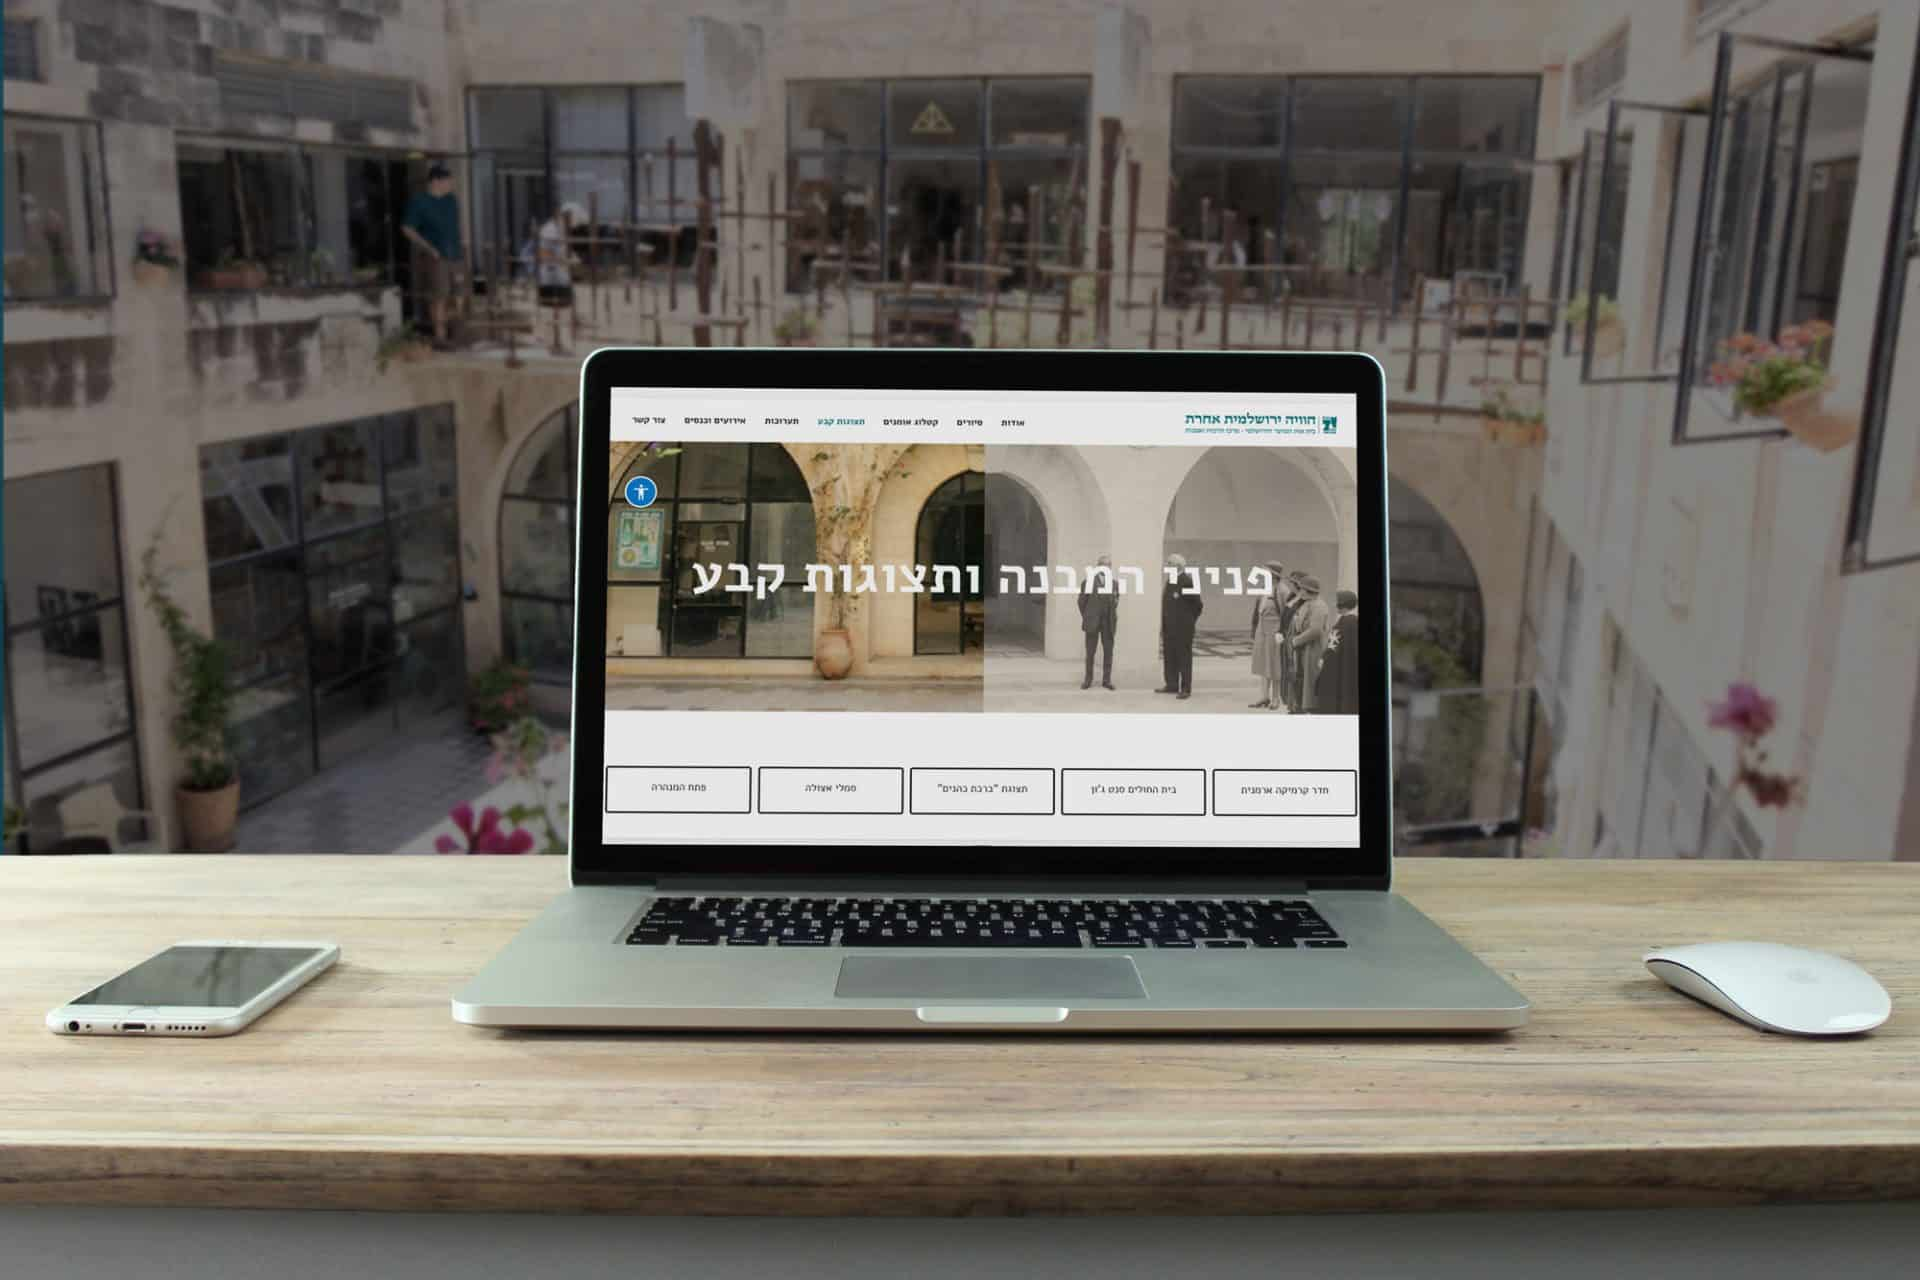 עיצוב ובניית אתר אינטרנט לבית אות המוצר הירושלמי